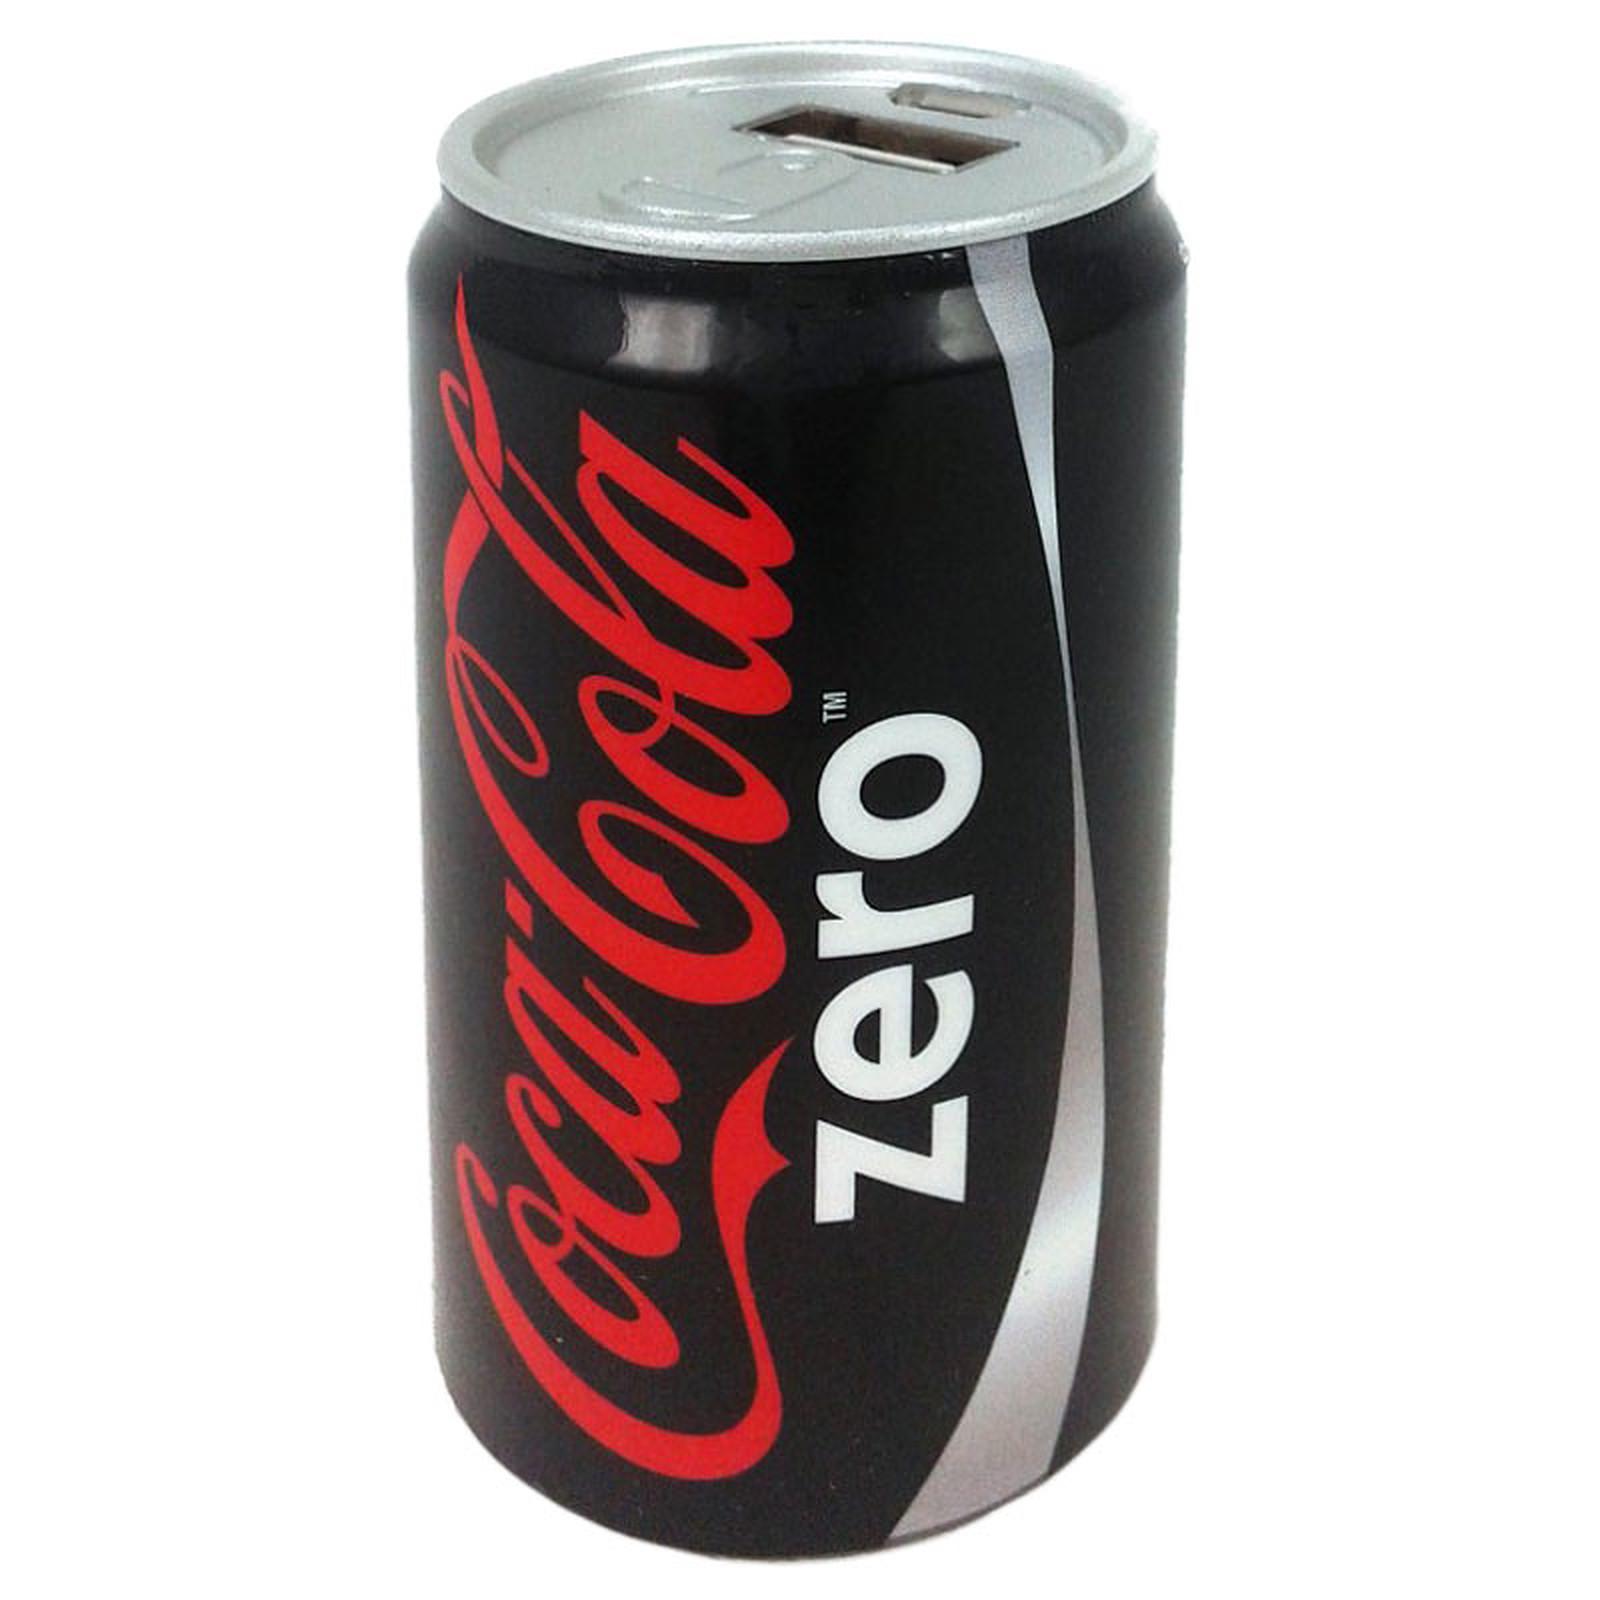 Urban Factory Power Bank 2000 mAh 1A Coca-Cola Zero